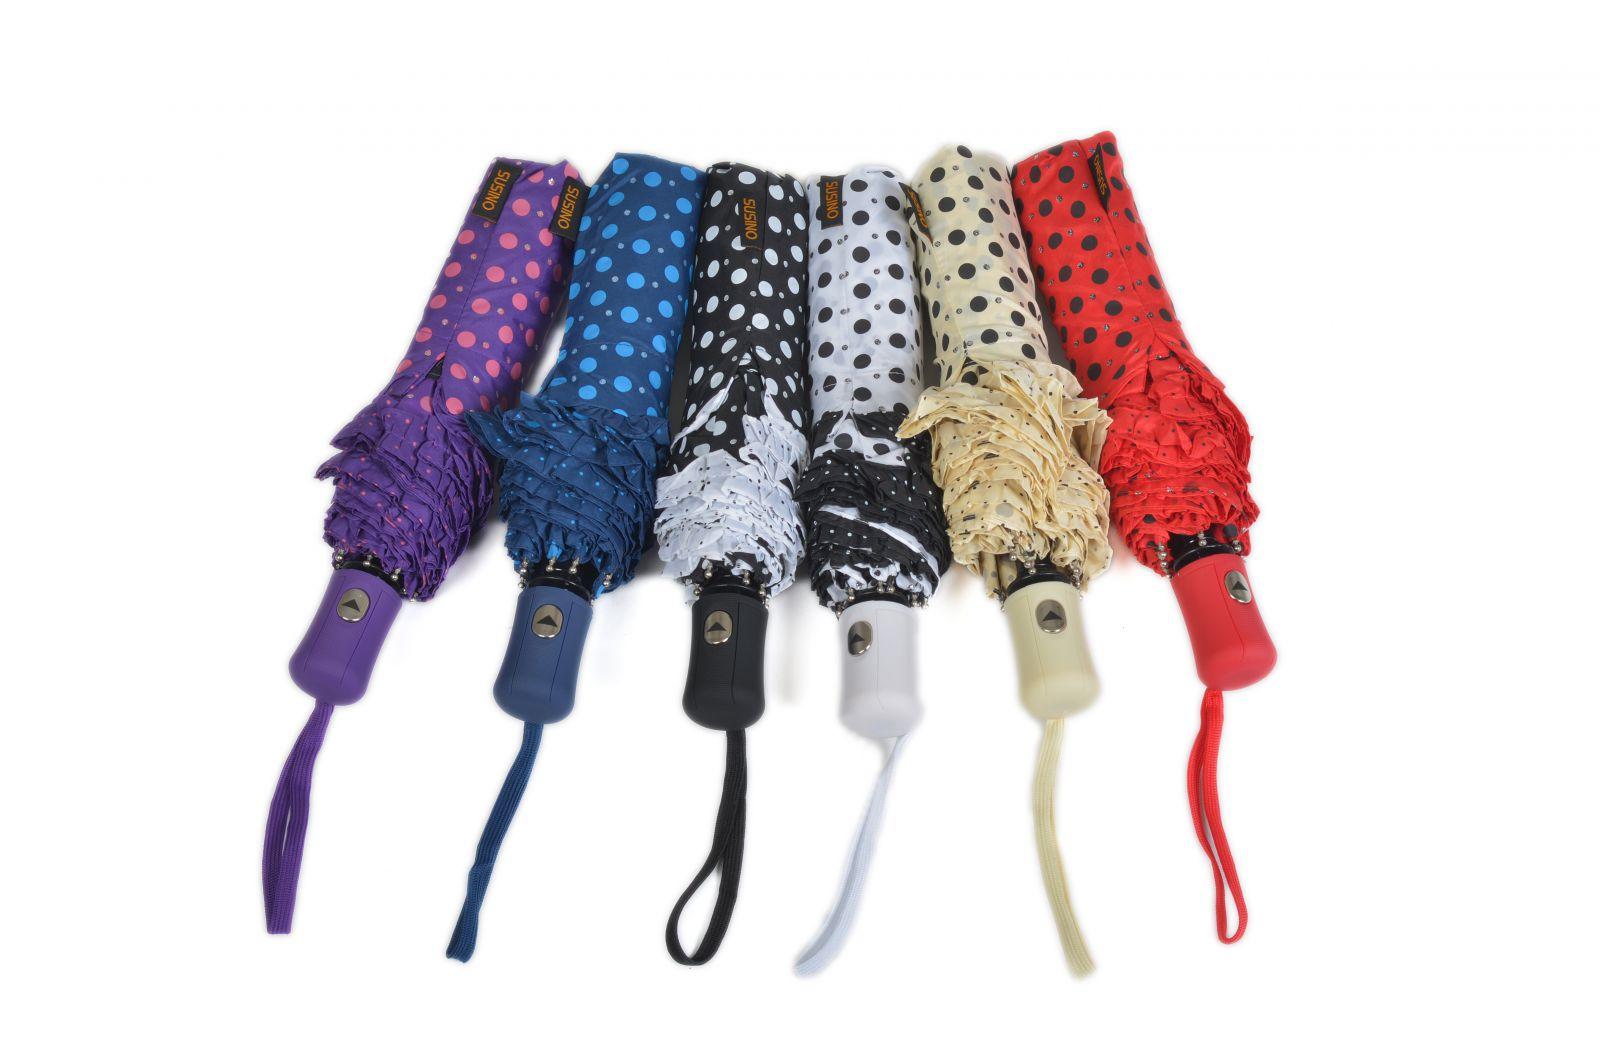 Skládací deštník SUSINO bílá/černá